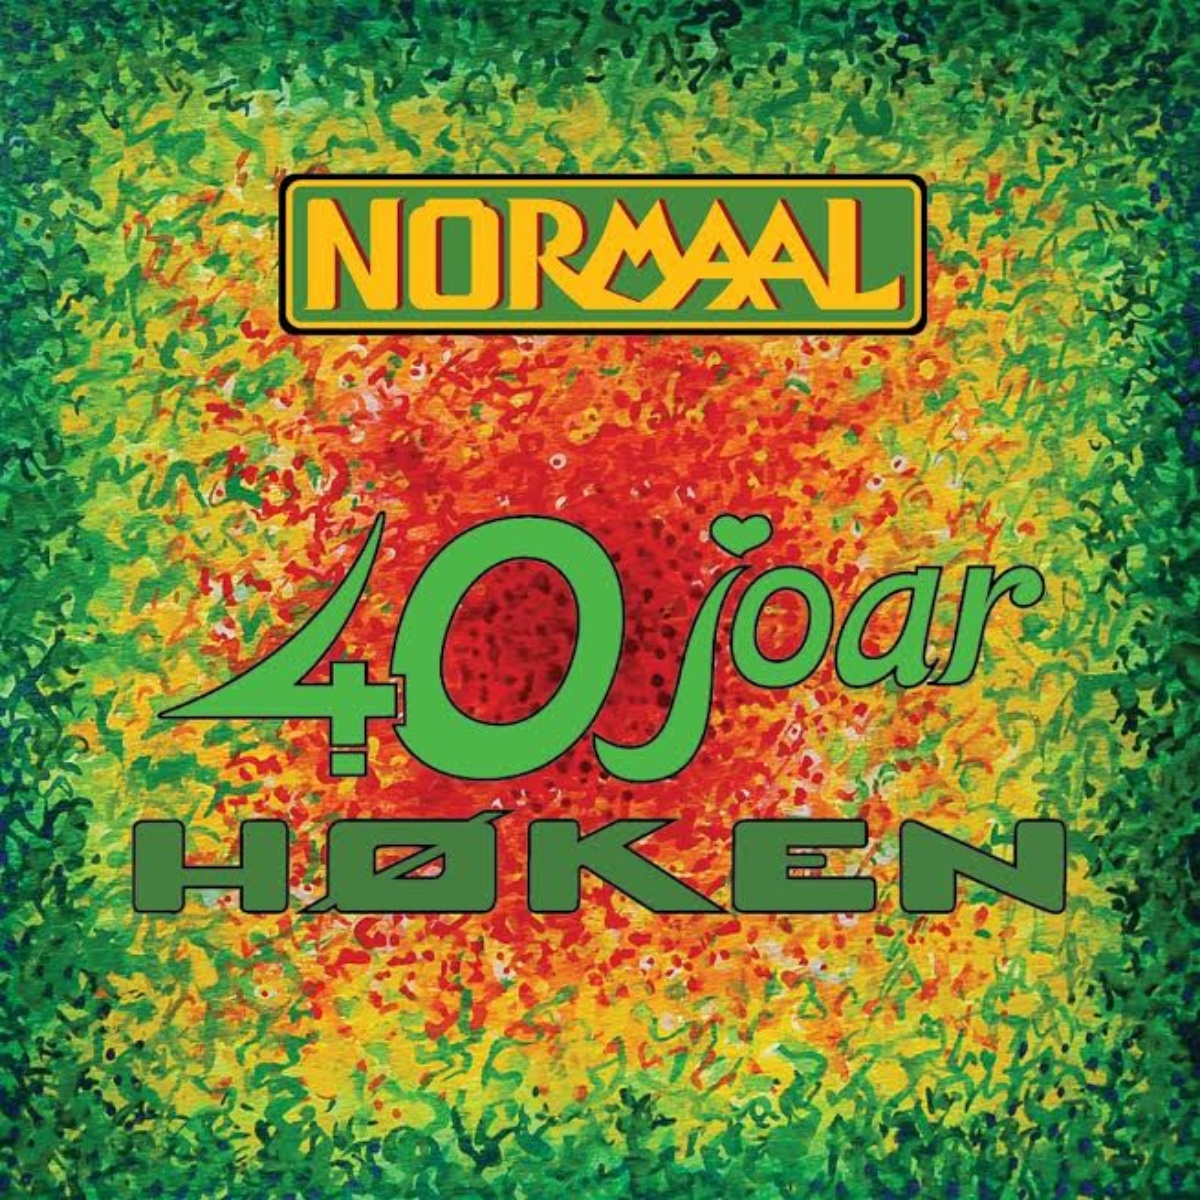 40 jaar normaal kaarten 40 Jaar Normaal Kaarten   ARCHIDEV 40 jaar normaal kaarten